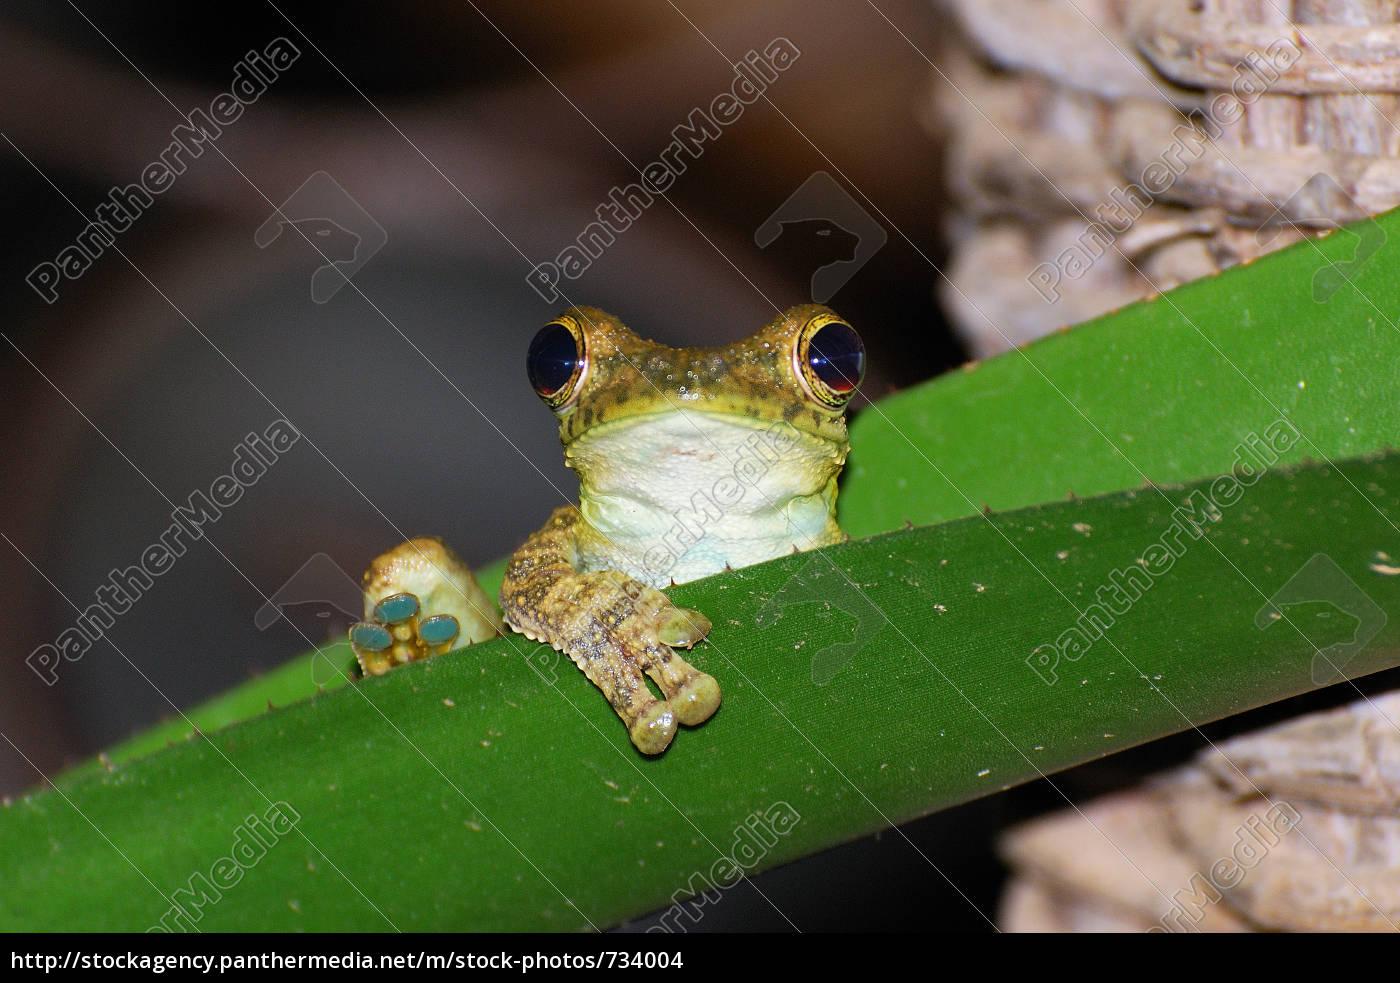 żaba, 2 - 734004